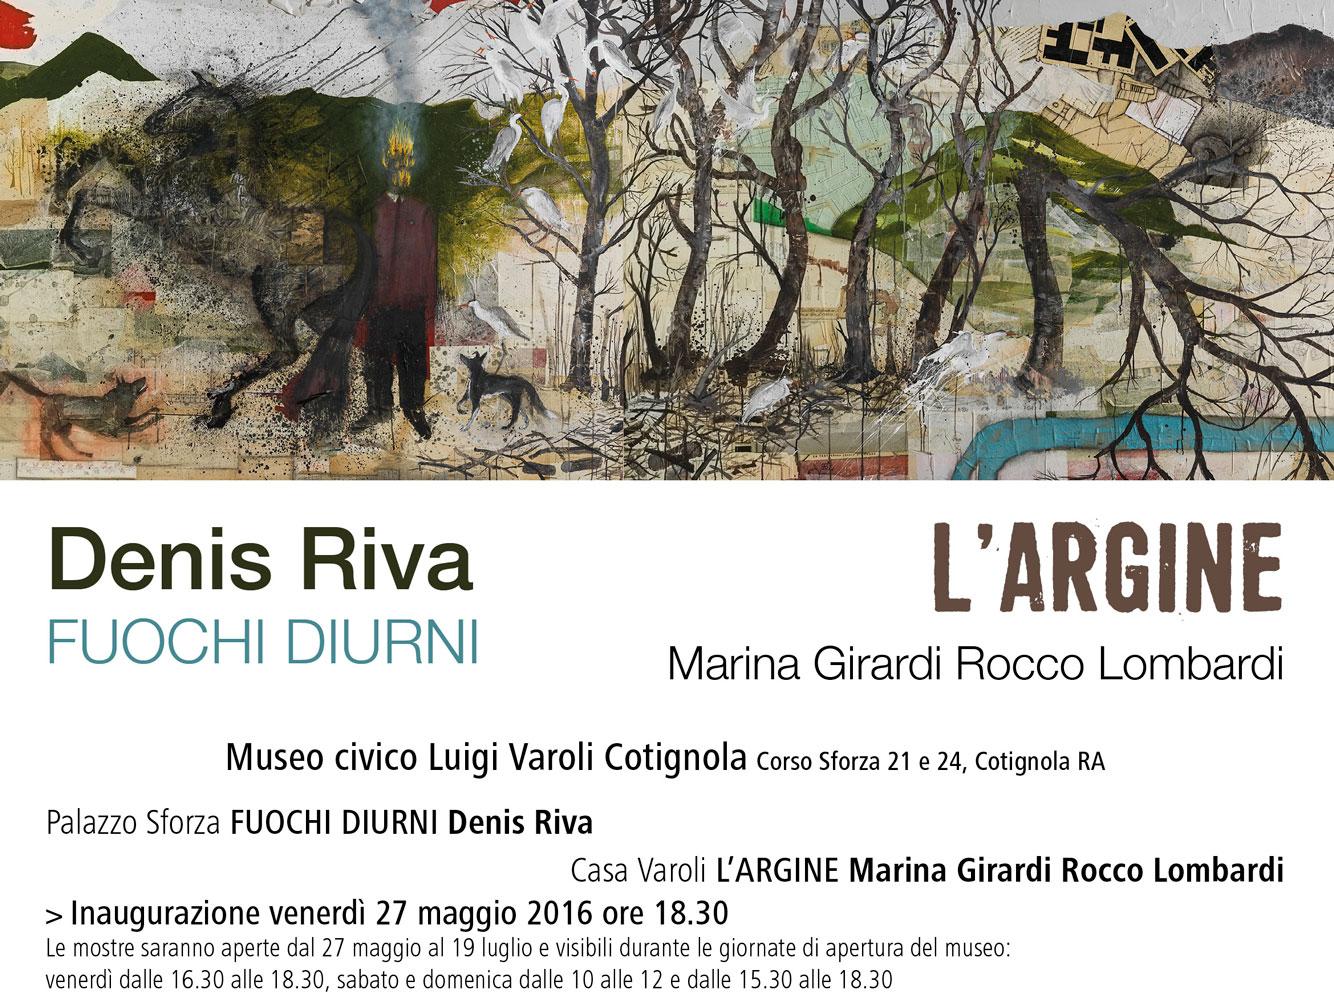 Dal 27 maggio al 19 luglio 2016 FUOCHI DIURNI + L'ARGINE Museo Civico Luigi Varoli